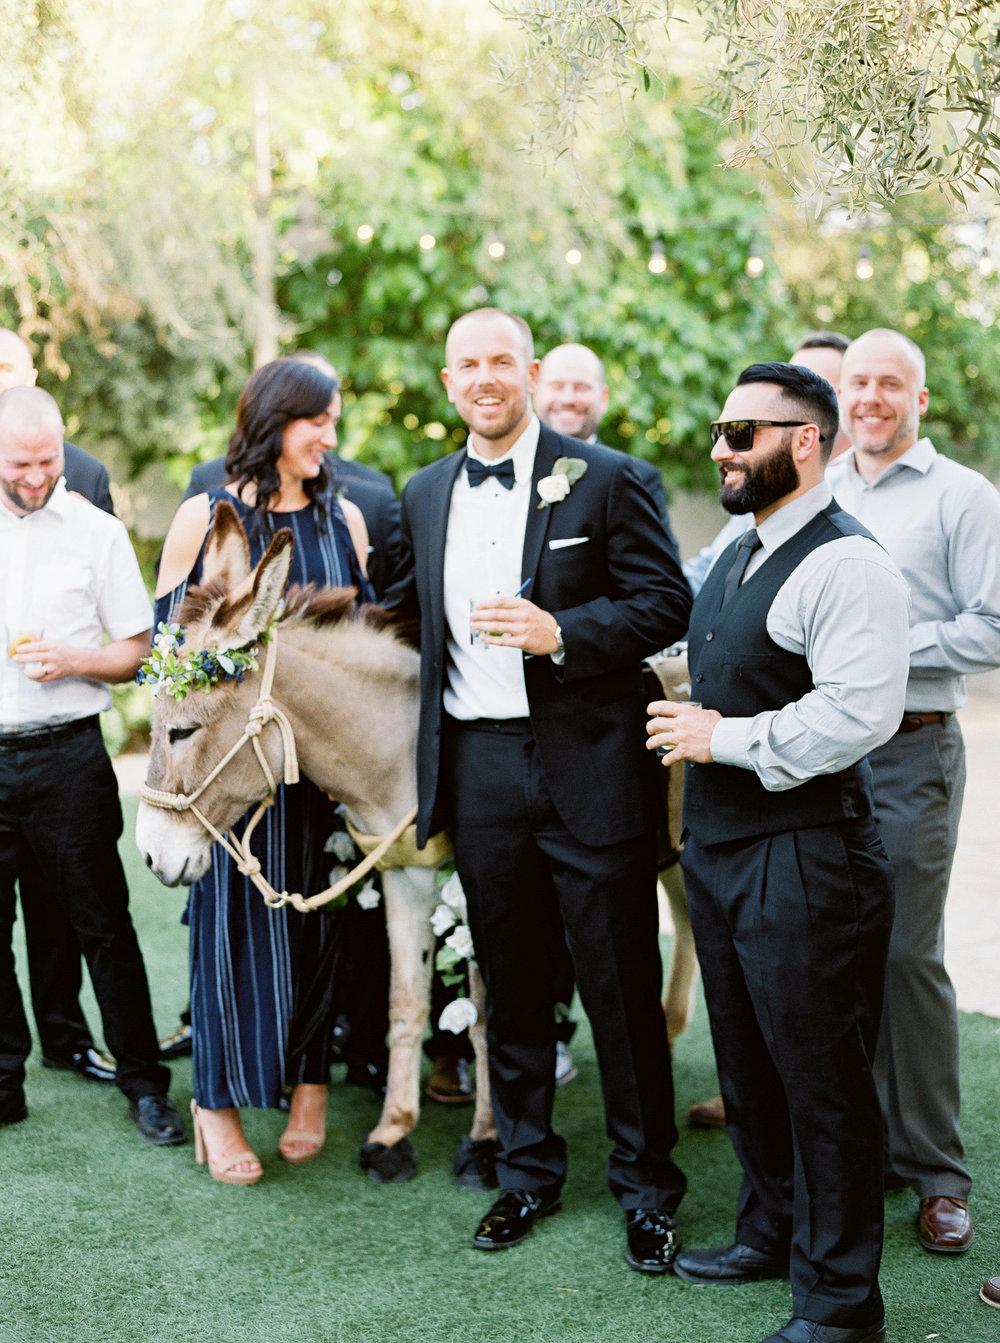 El_Chorro_Destination_Wedding_Planner_27.jpg